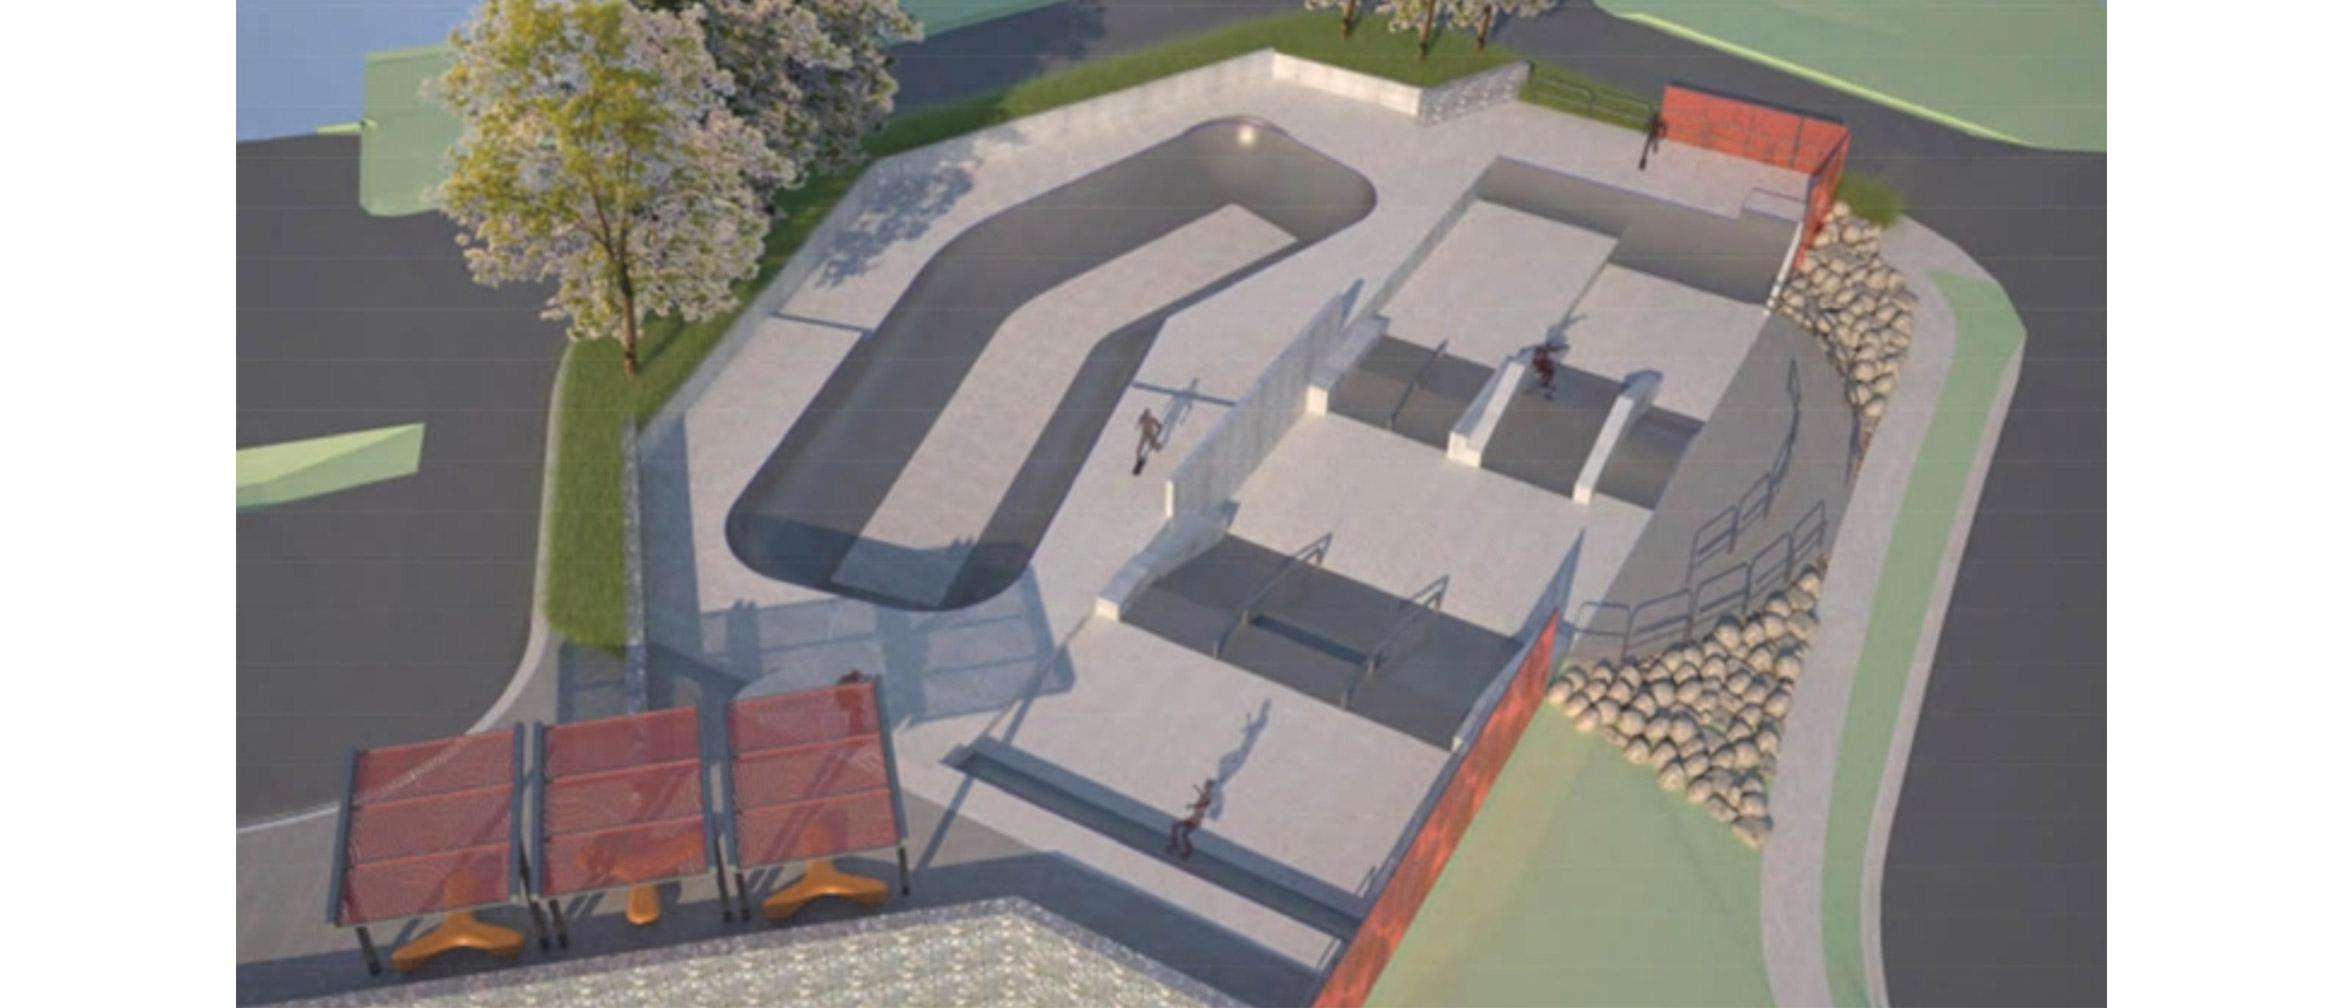 Randwick skate park design